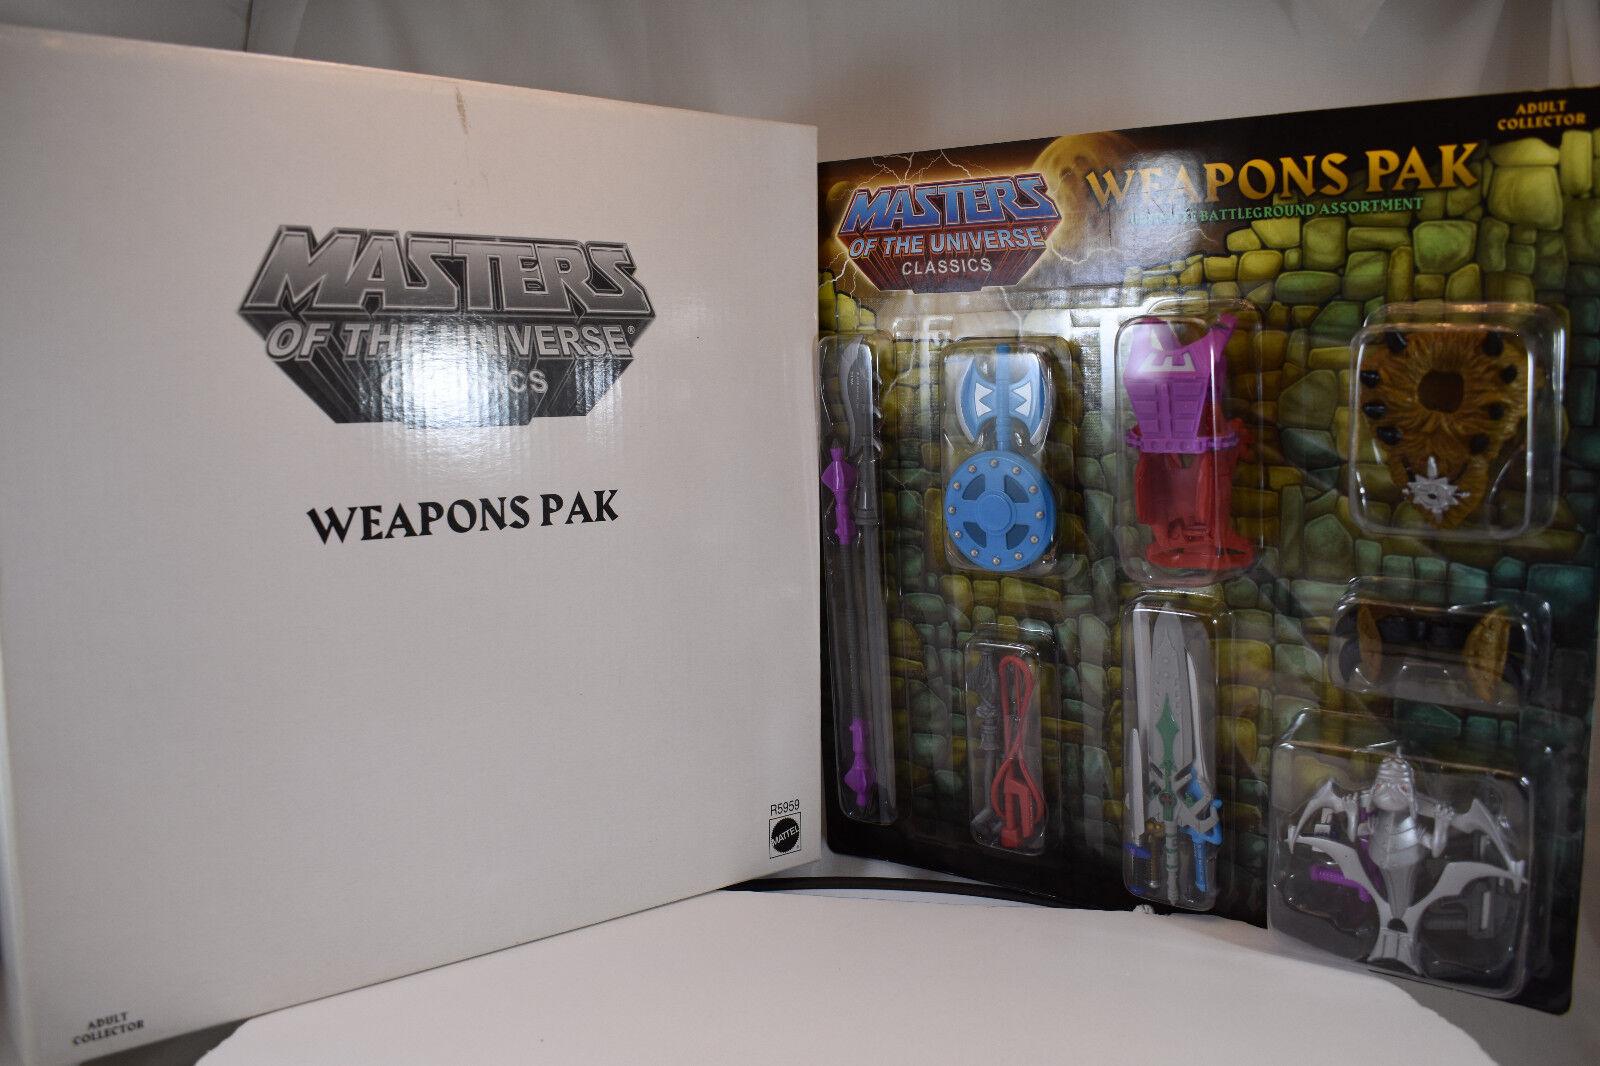 Mattel Masters of the Universe Classics Ultimate battleGround Weapon Pak NEW